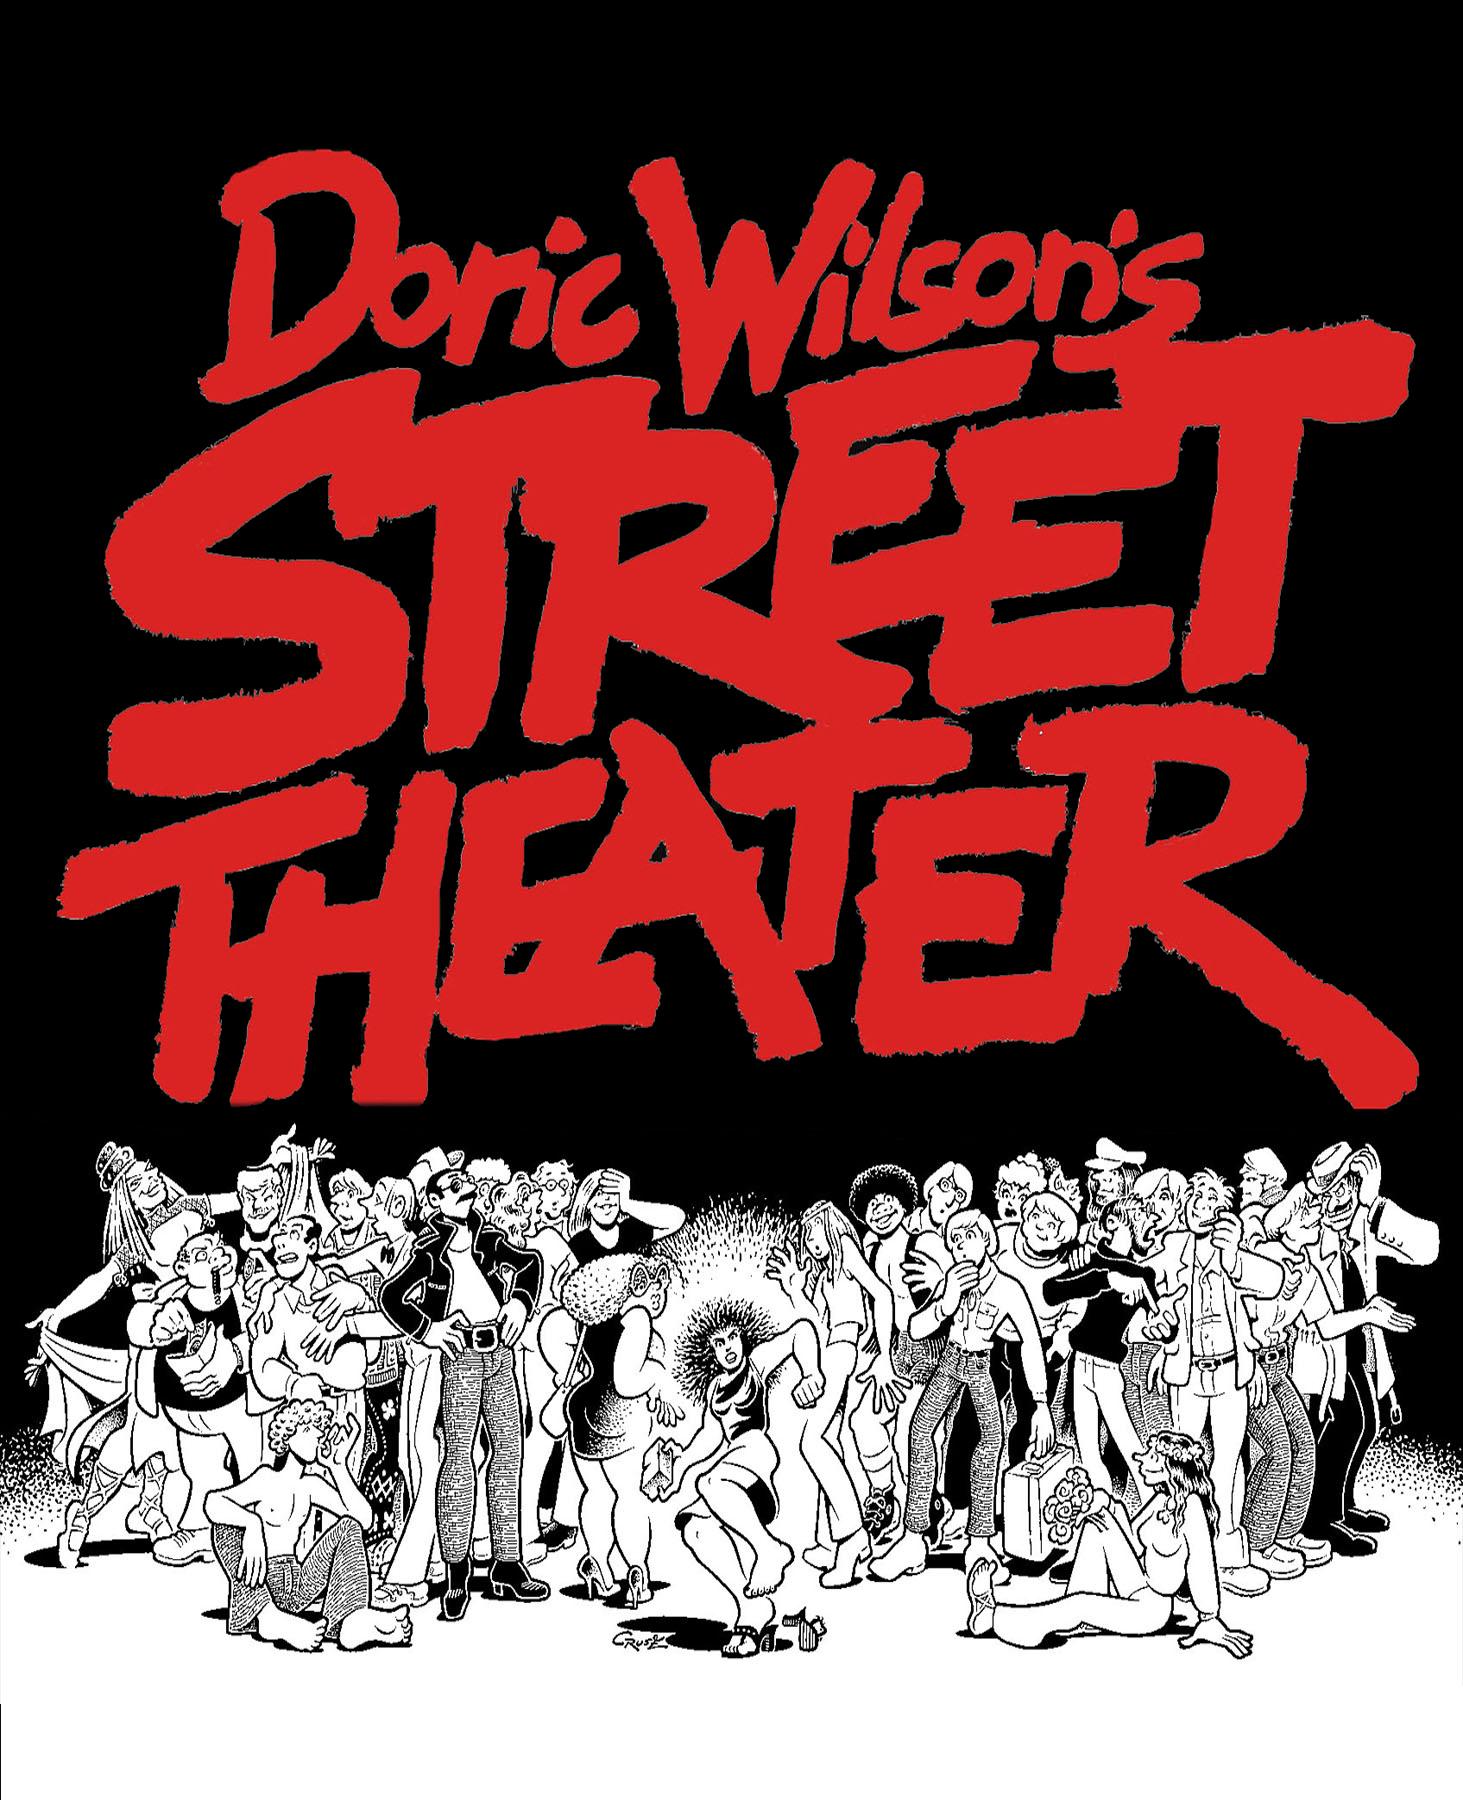 doric wilson's street theater